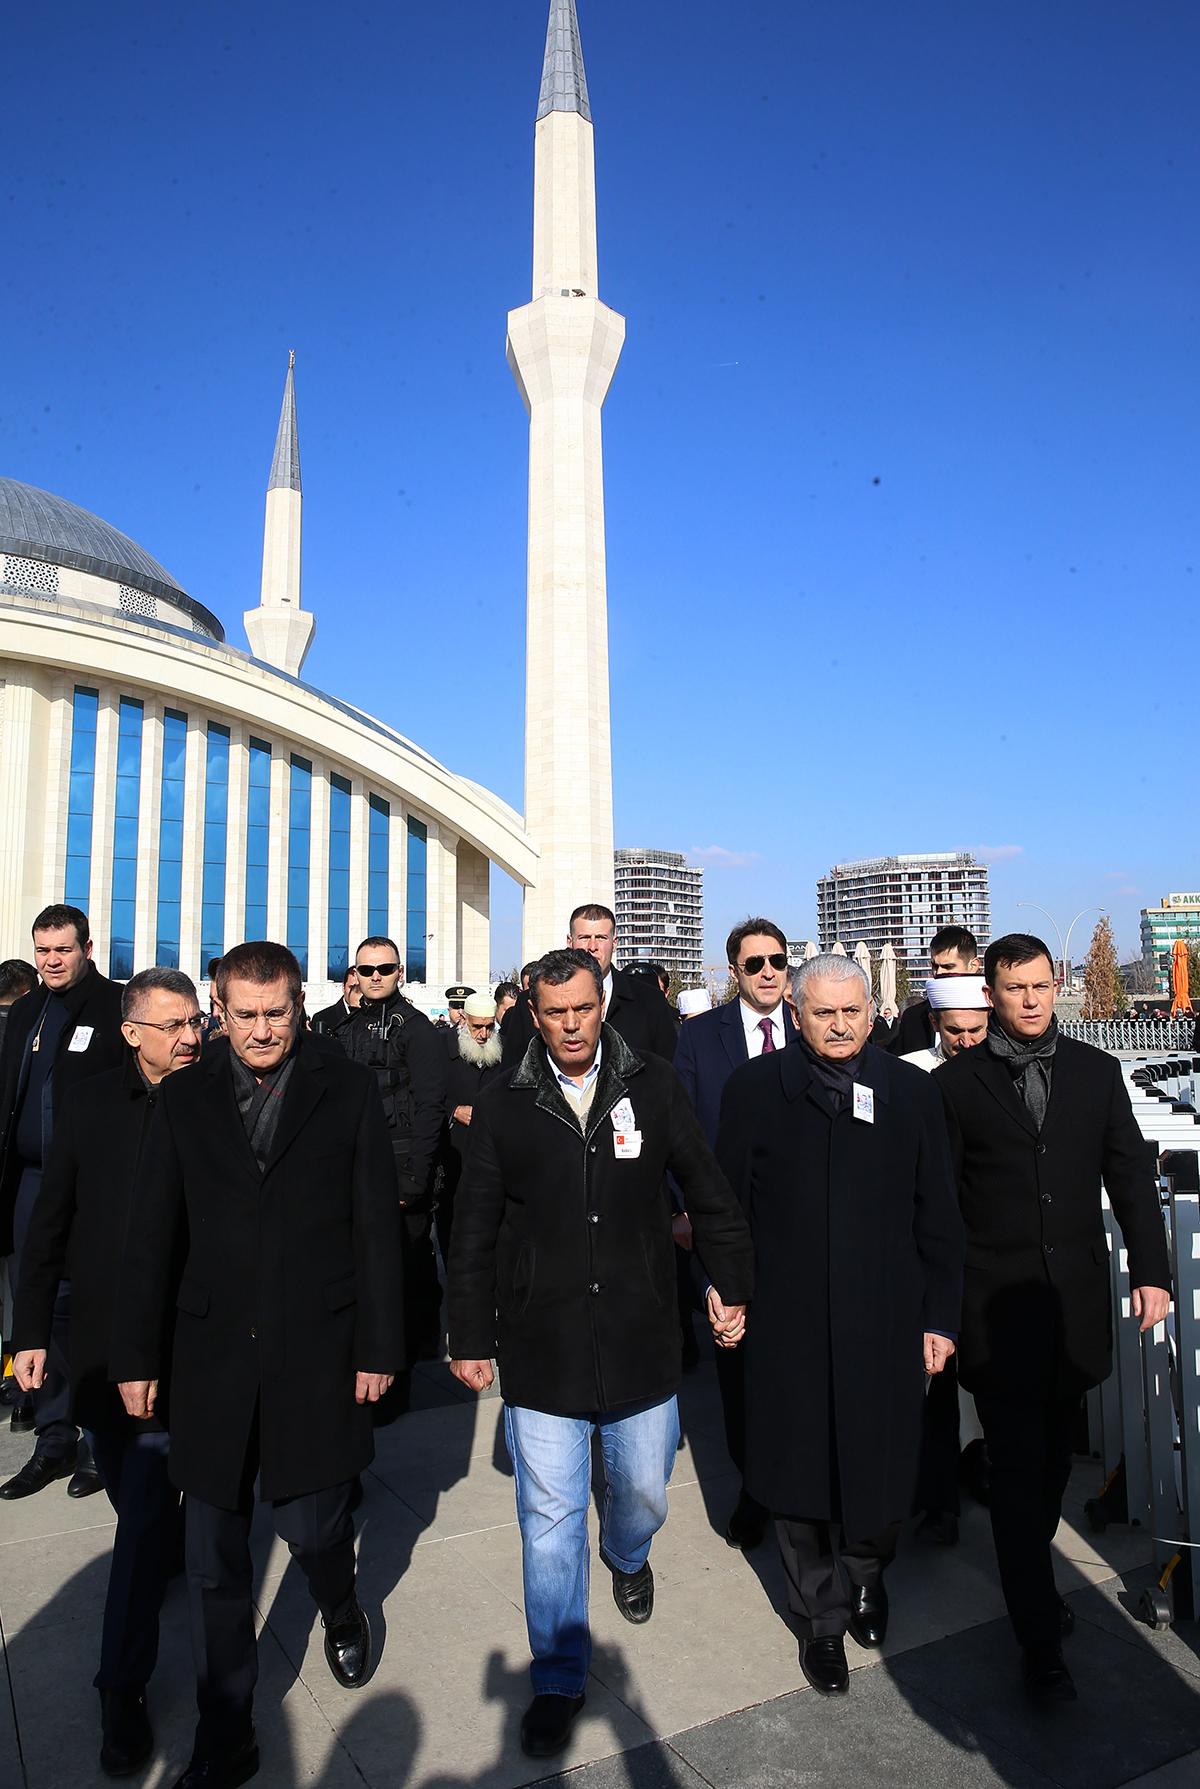 Kayseri'de düzenlenen terör saldırısında şehit olan 21 ya